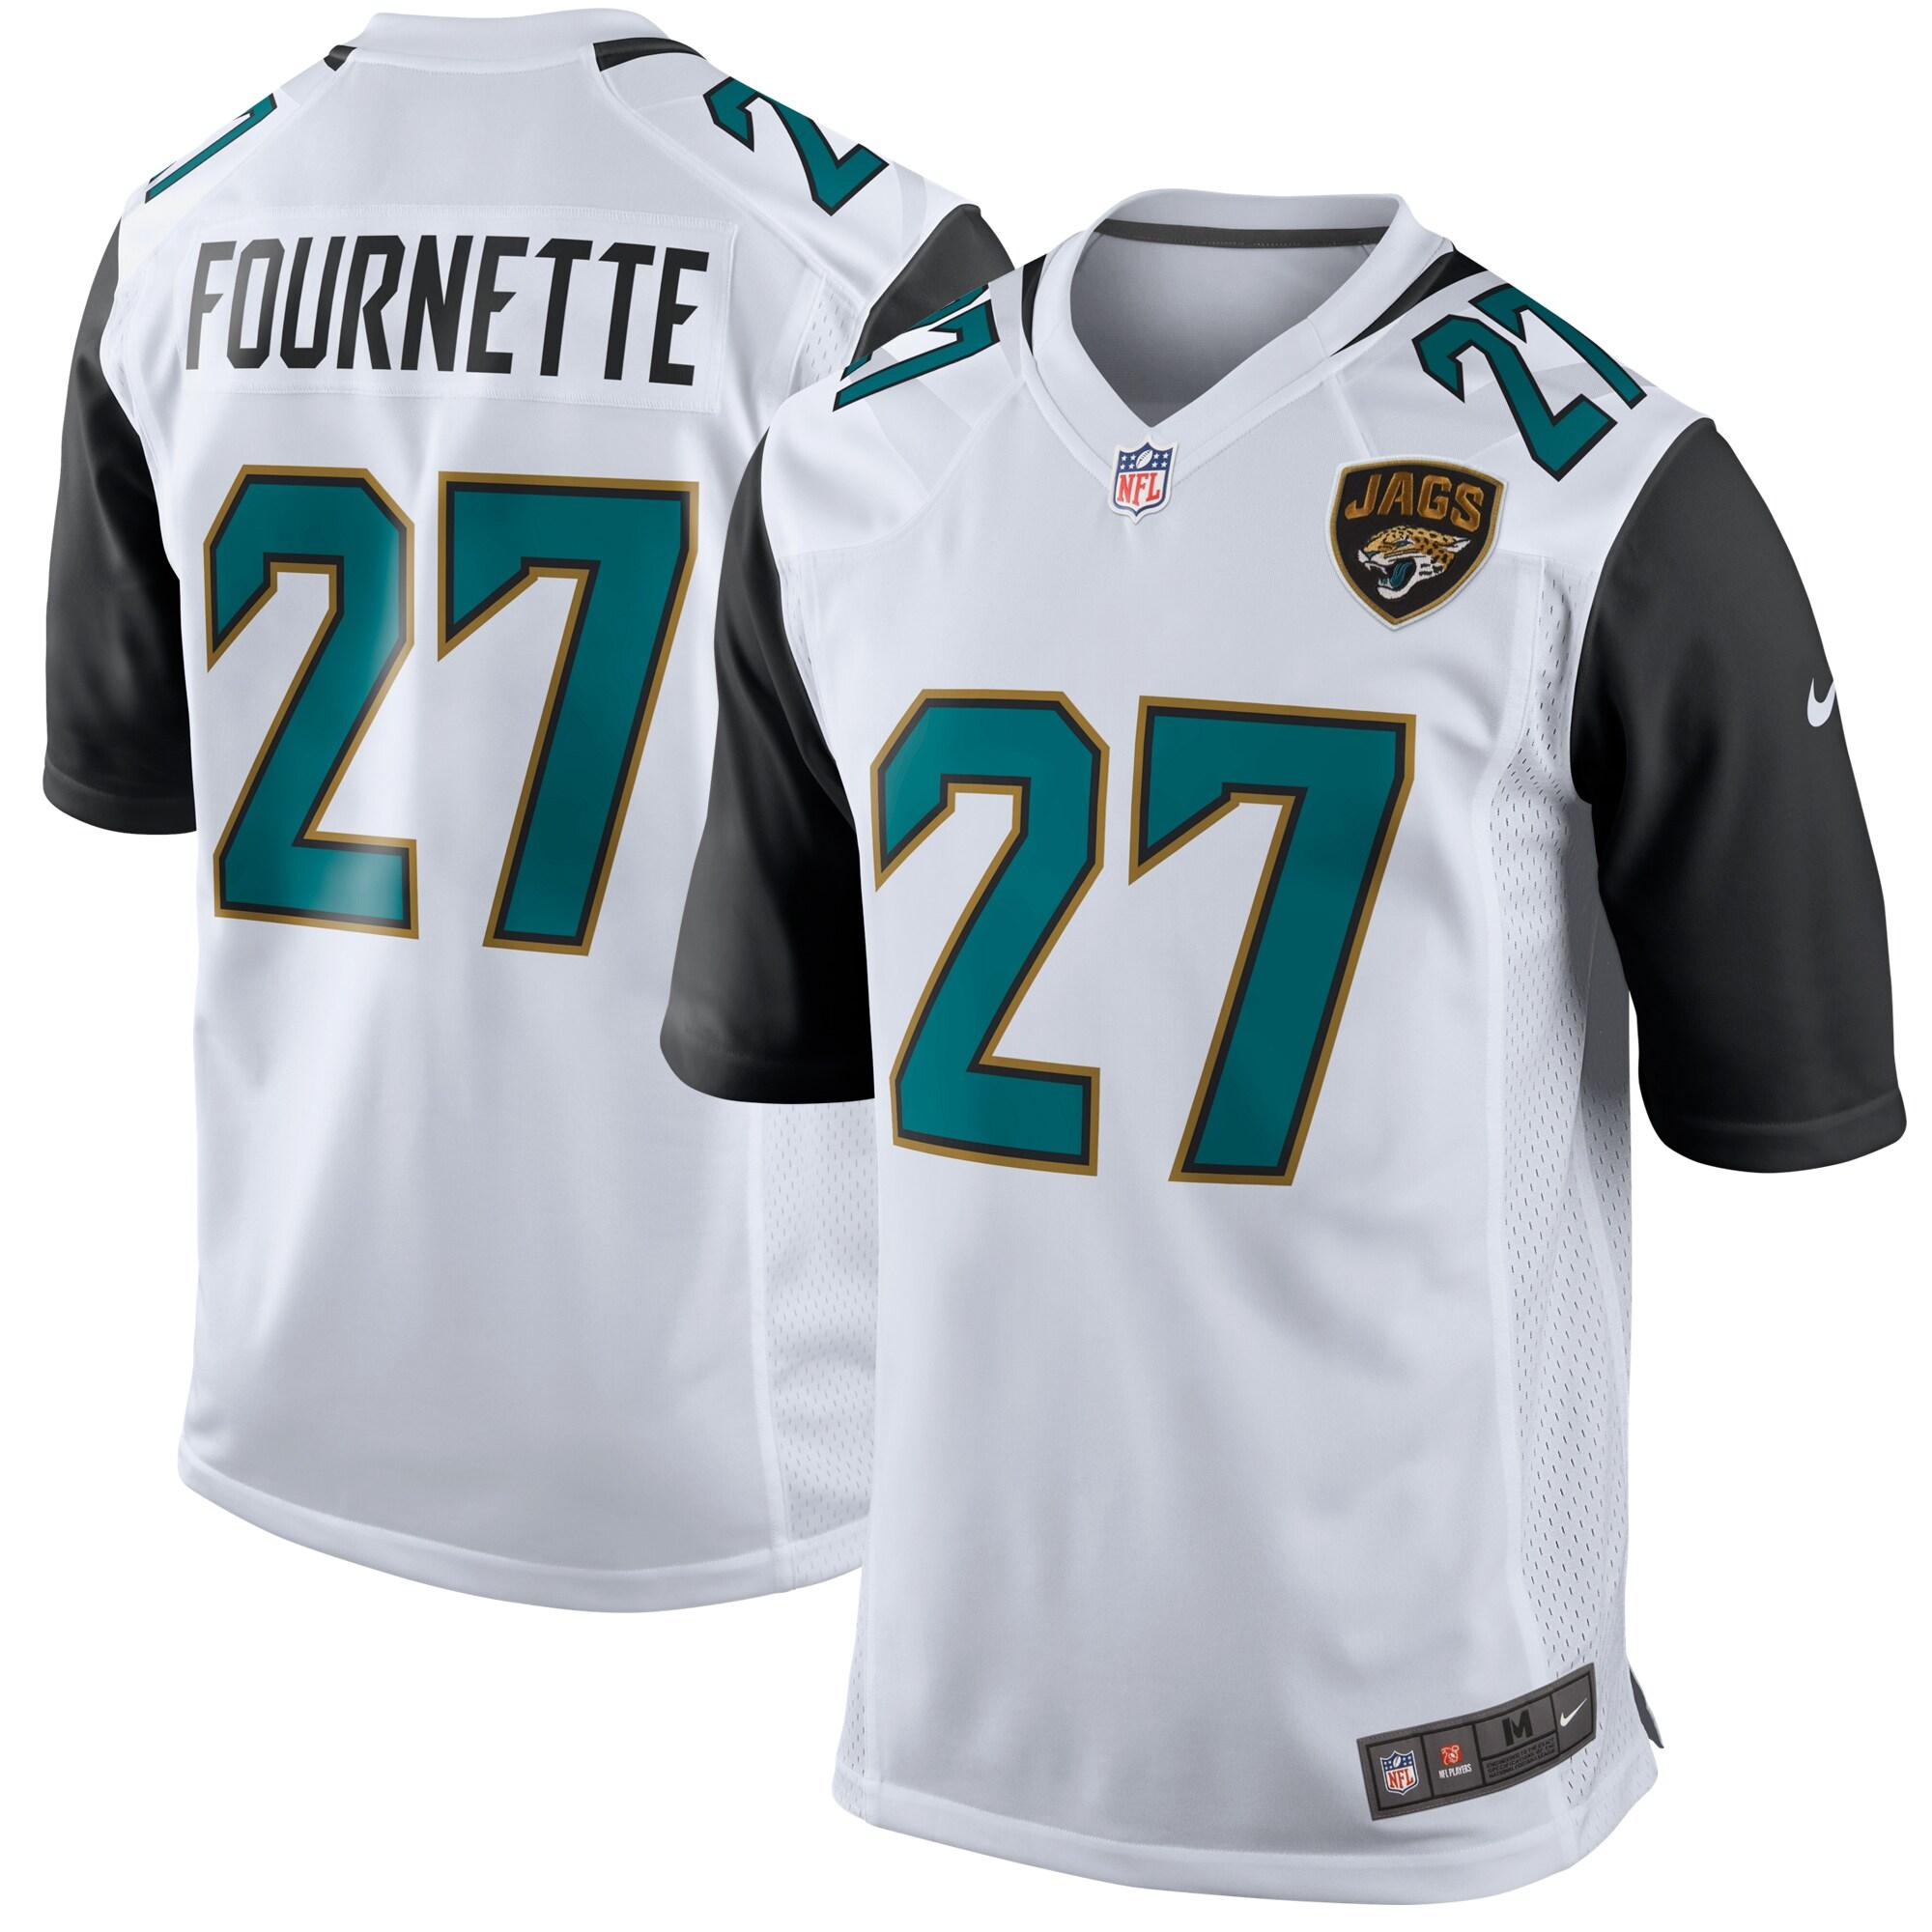 Leonard Fournette Jacksonville Jaguars Nike Game Jersey - White